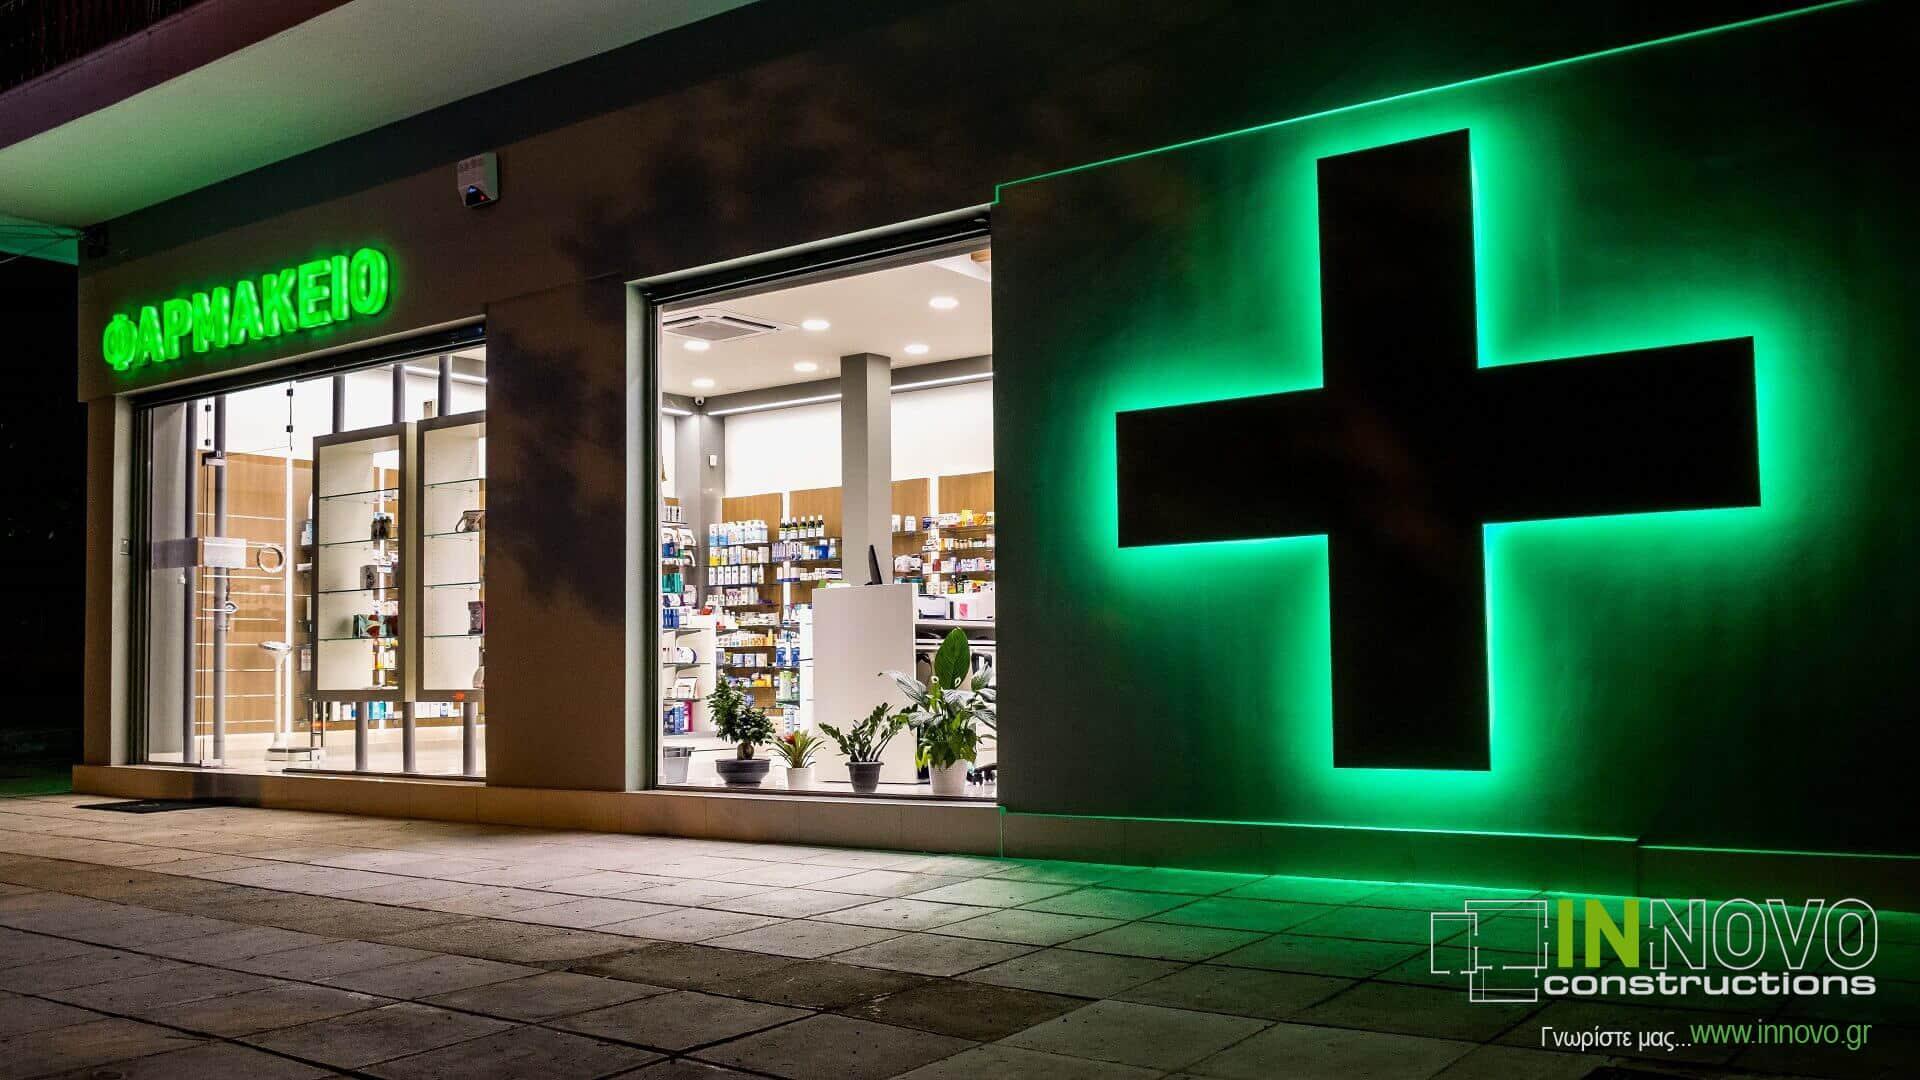 Μελέτη και ανακαίνιση φαρμακείου Ηλιούπολη από την Innovo Constructions